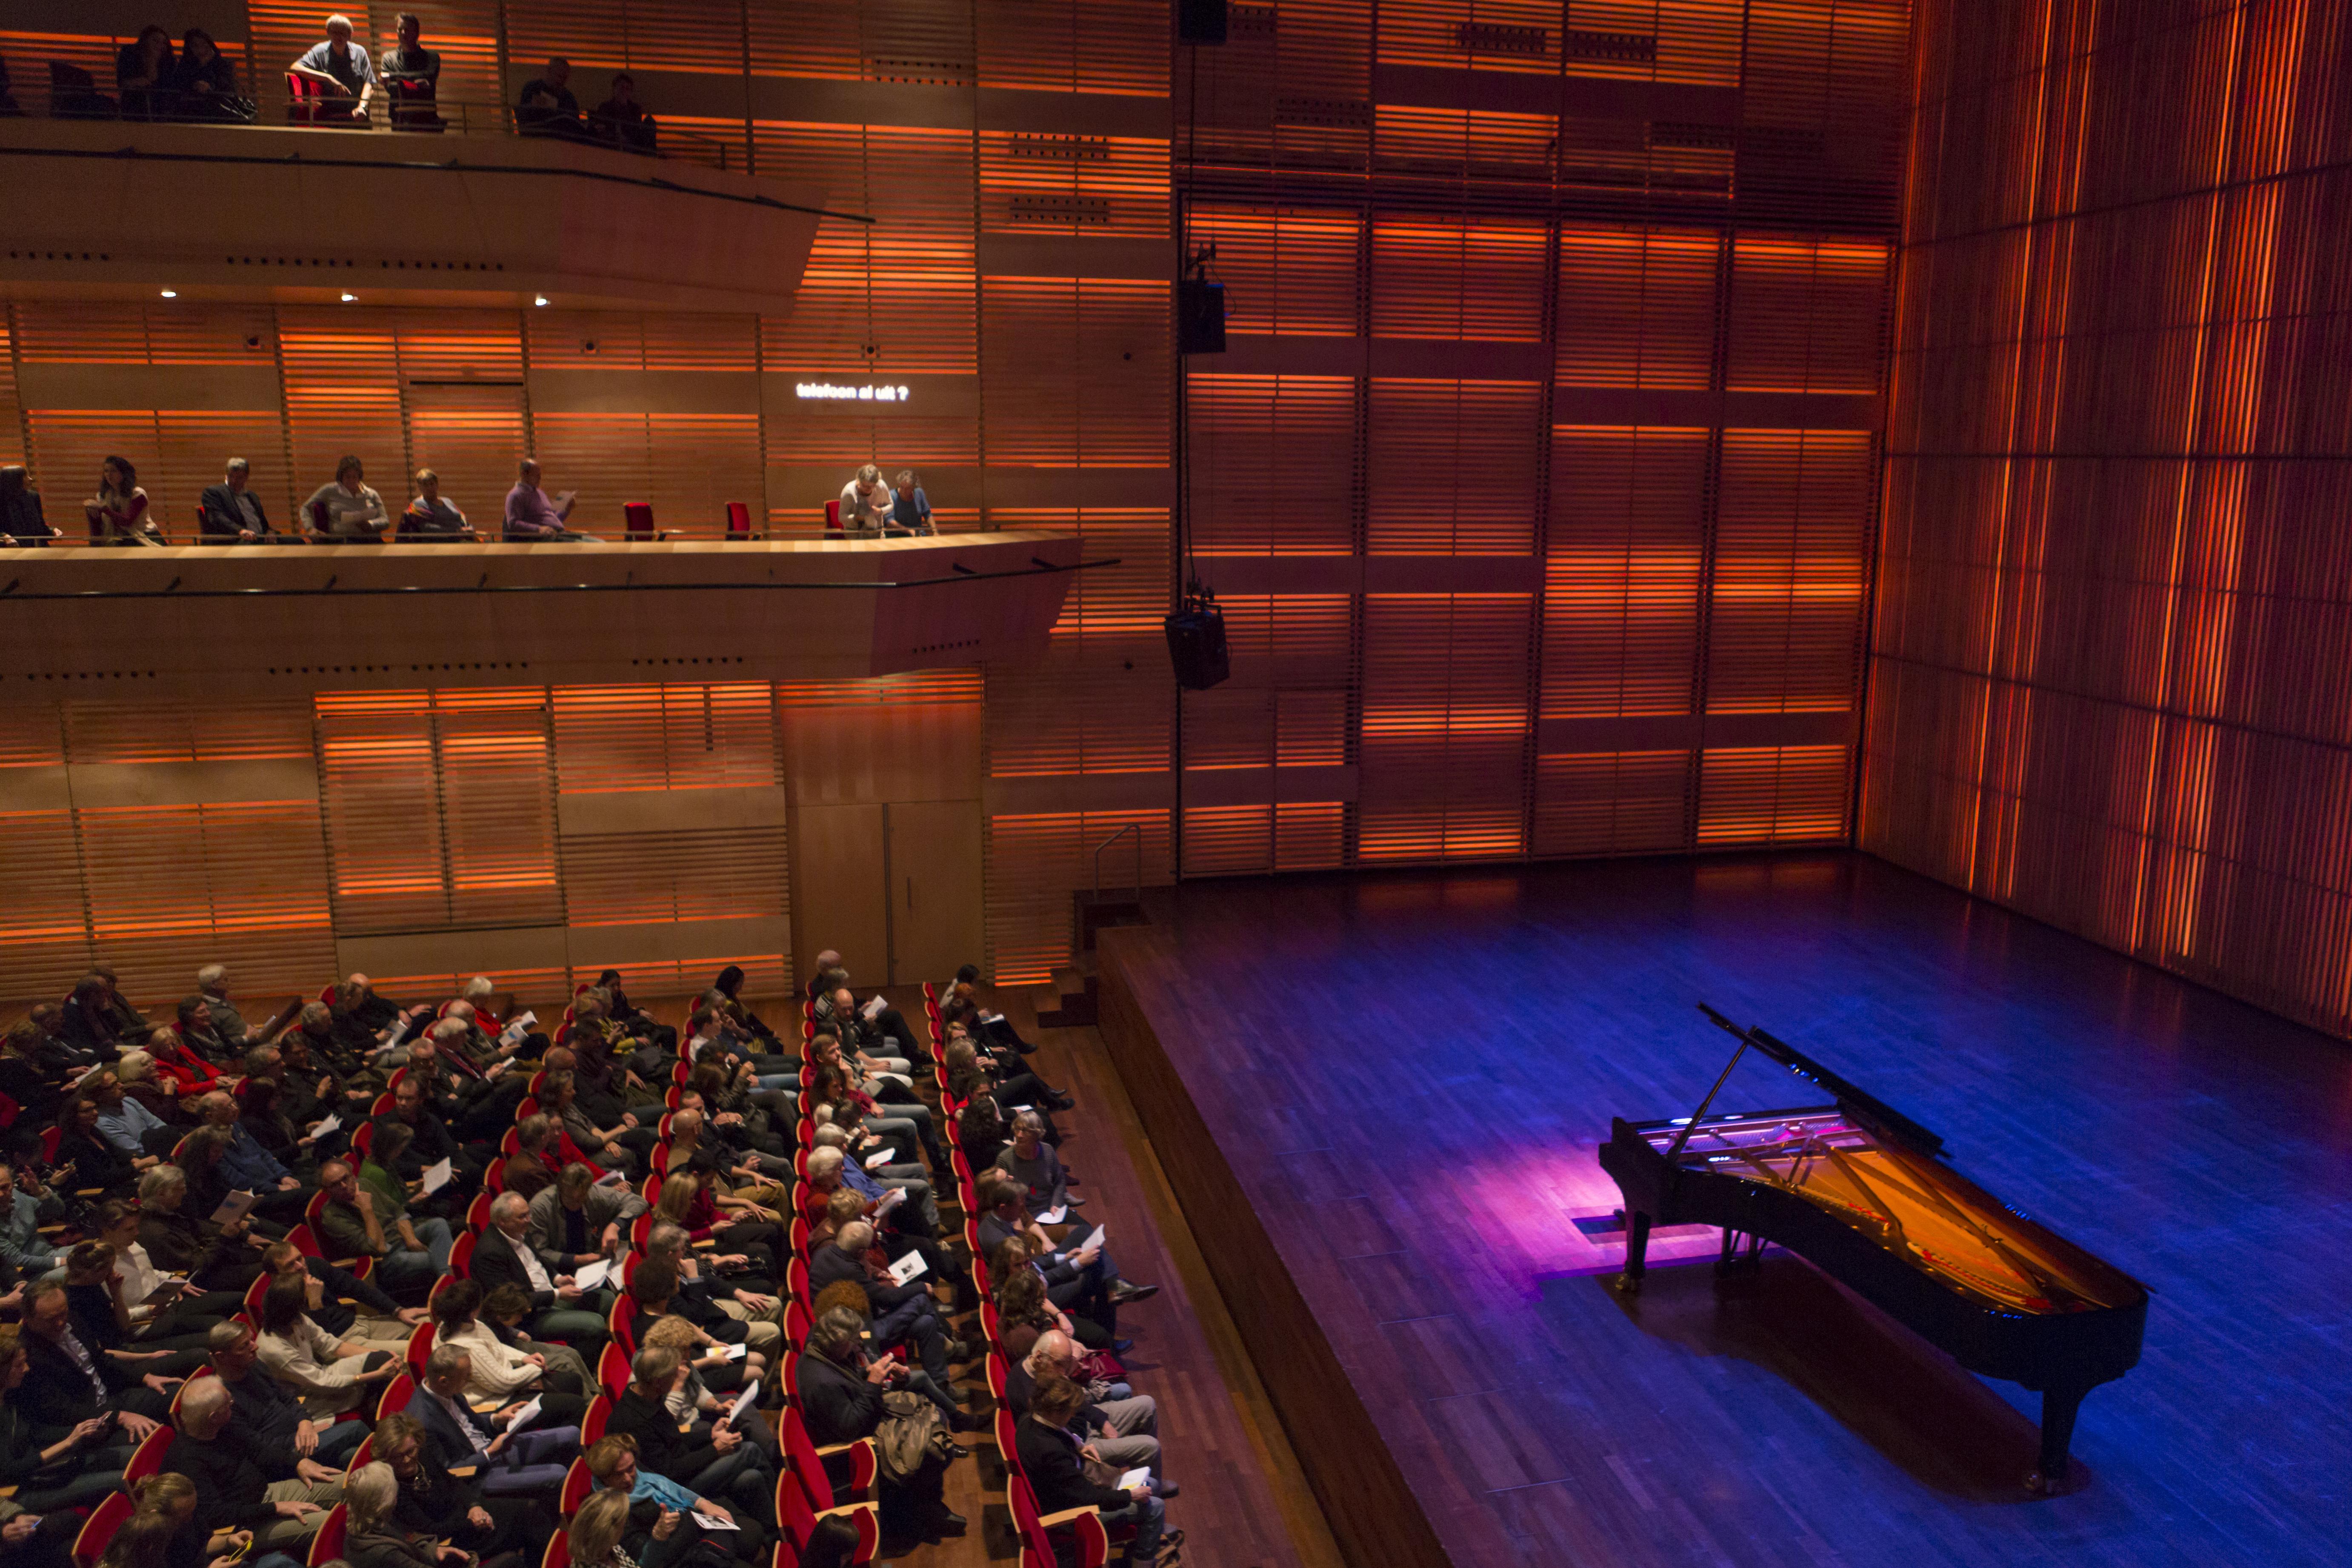 Muziekgebouw aan 't IJ - Grote Zaal met publiek (foto Martina_Simkovicova)